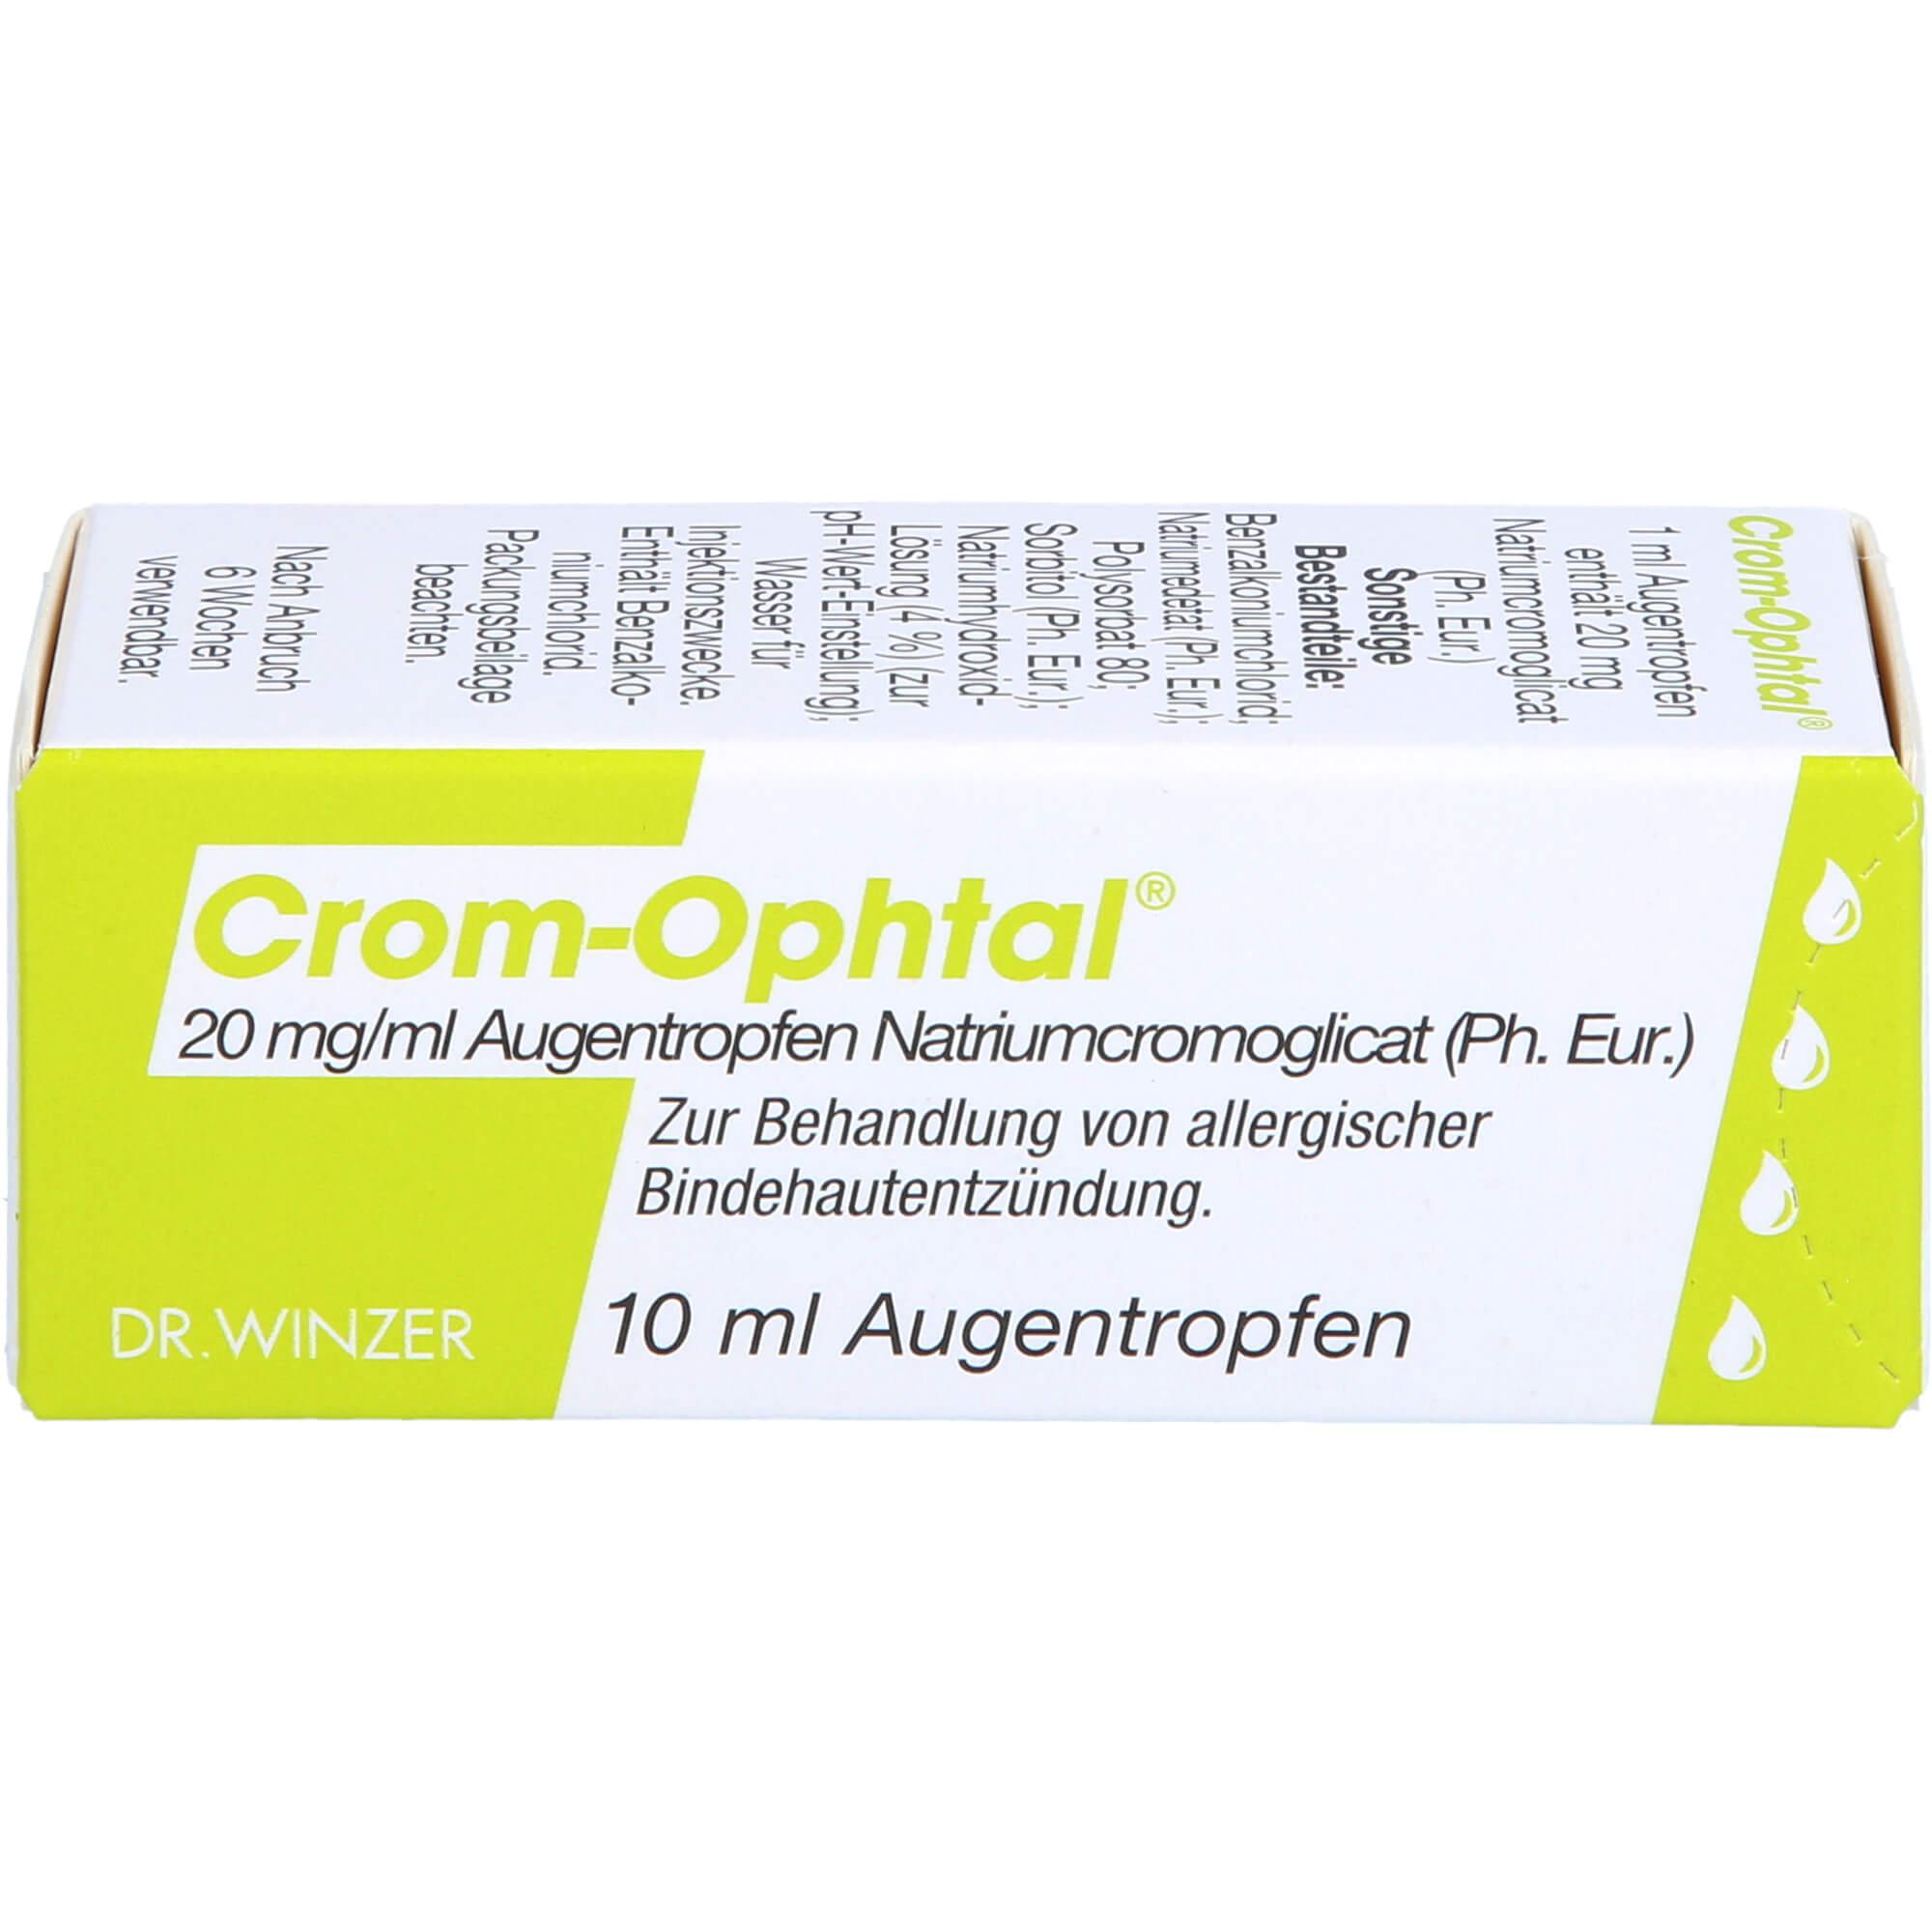 CROM-OPHTAL Augentropfen